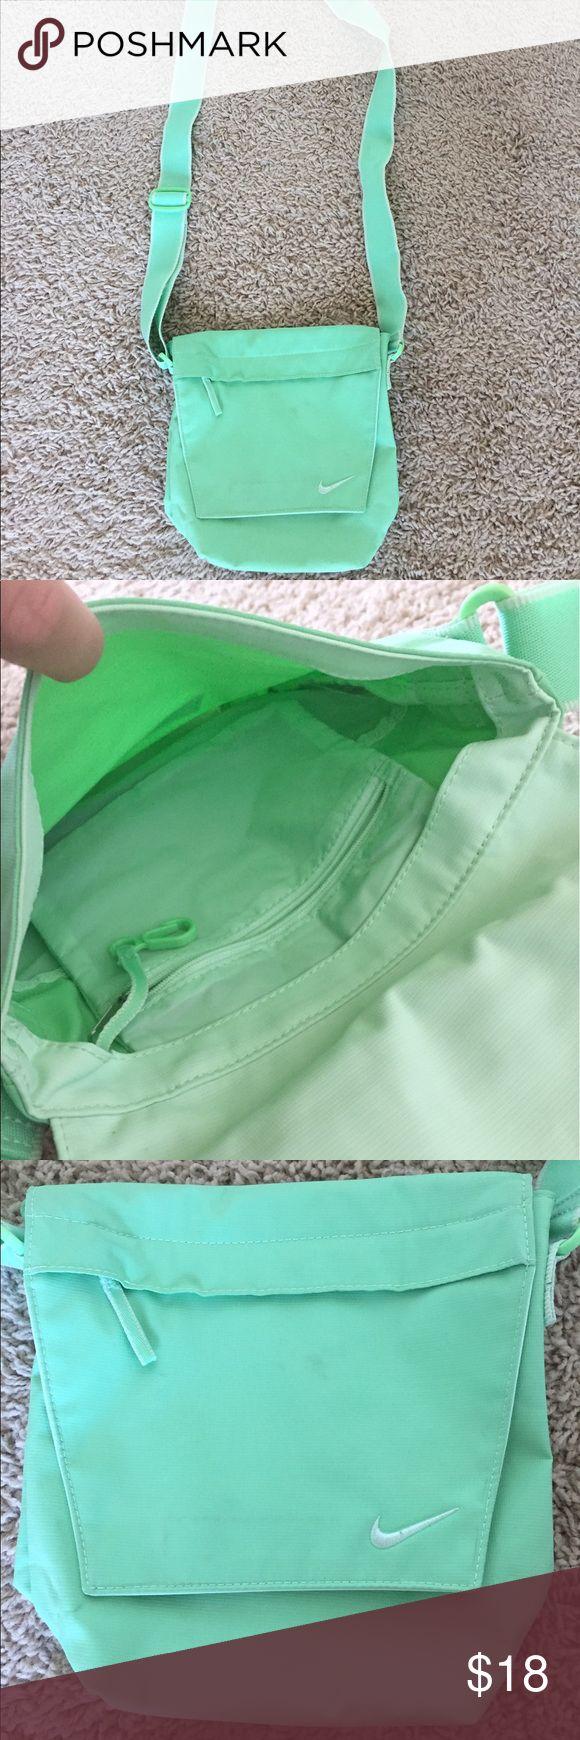 Nike shoulder messenger bag Mint color Nike shoulder bag. Great condition, barely used. Nike Bags Shoulder Bags